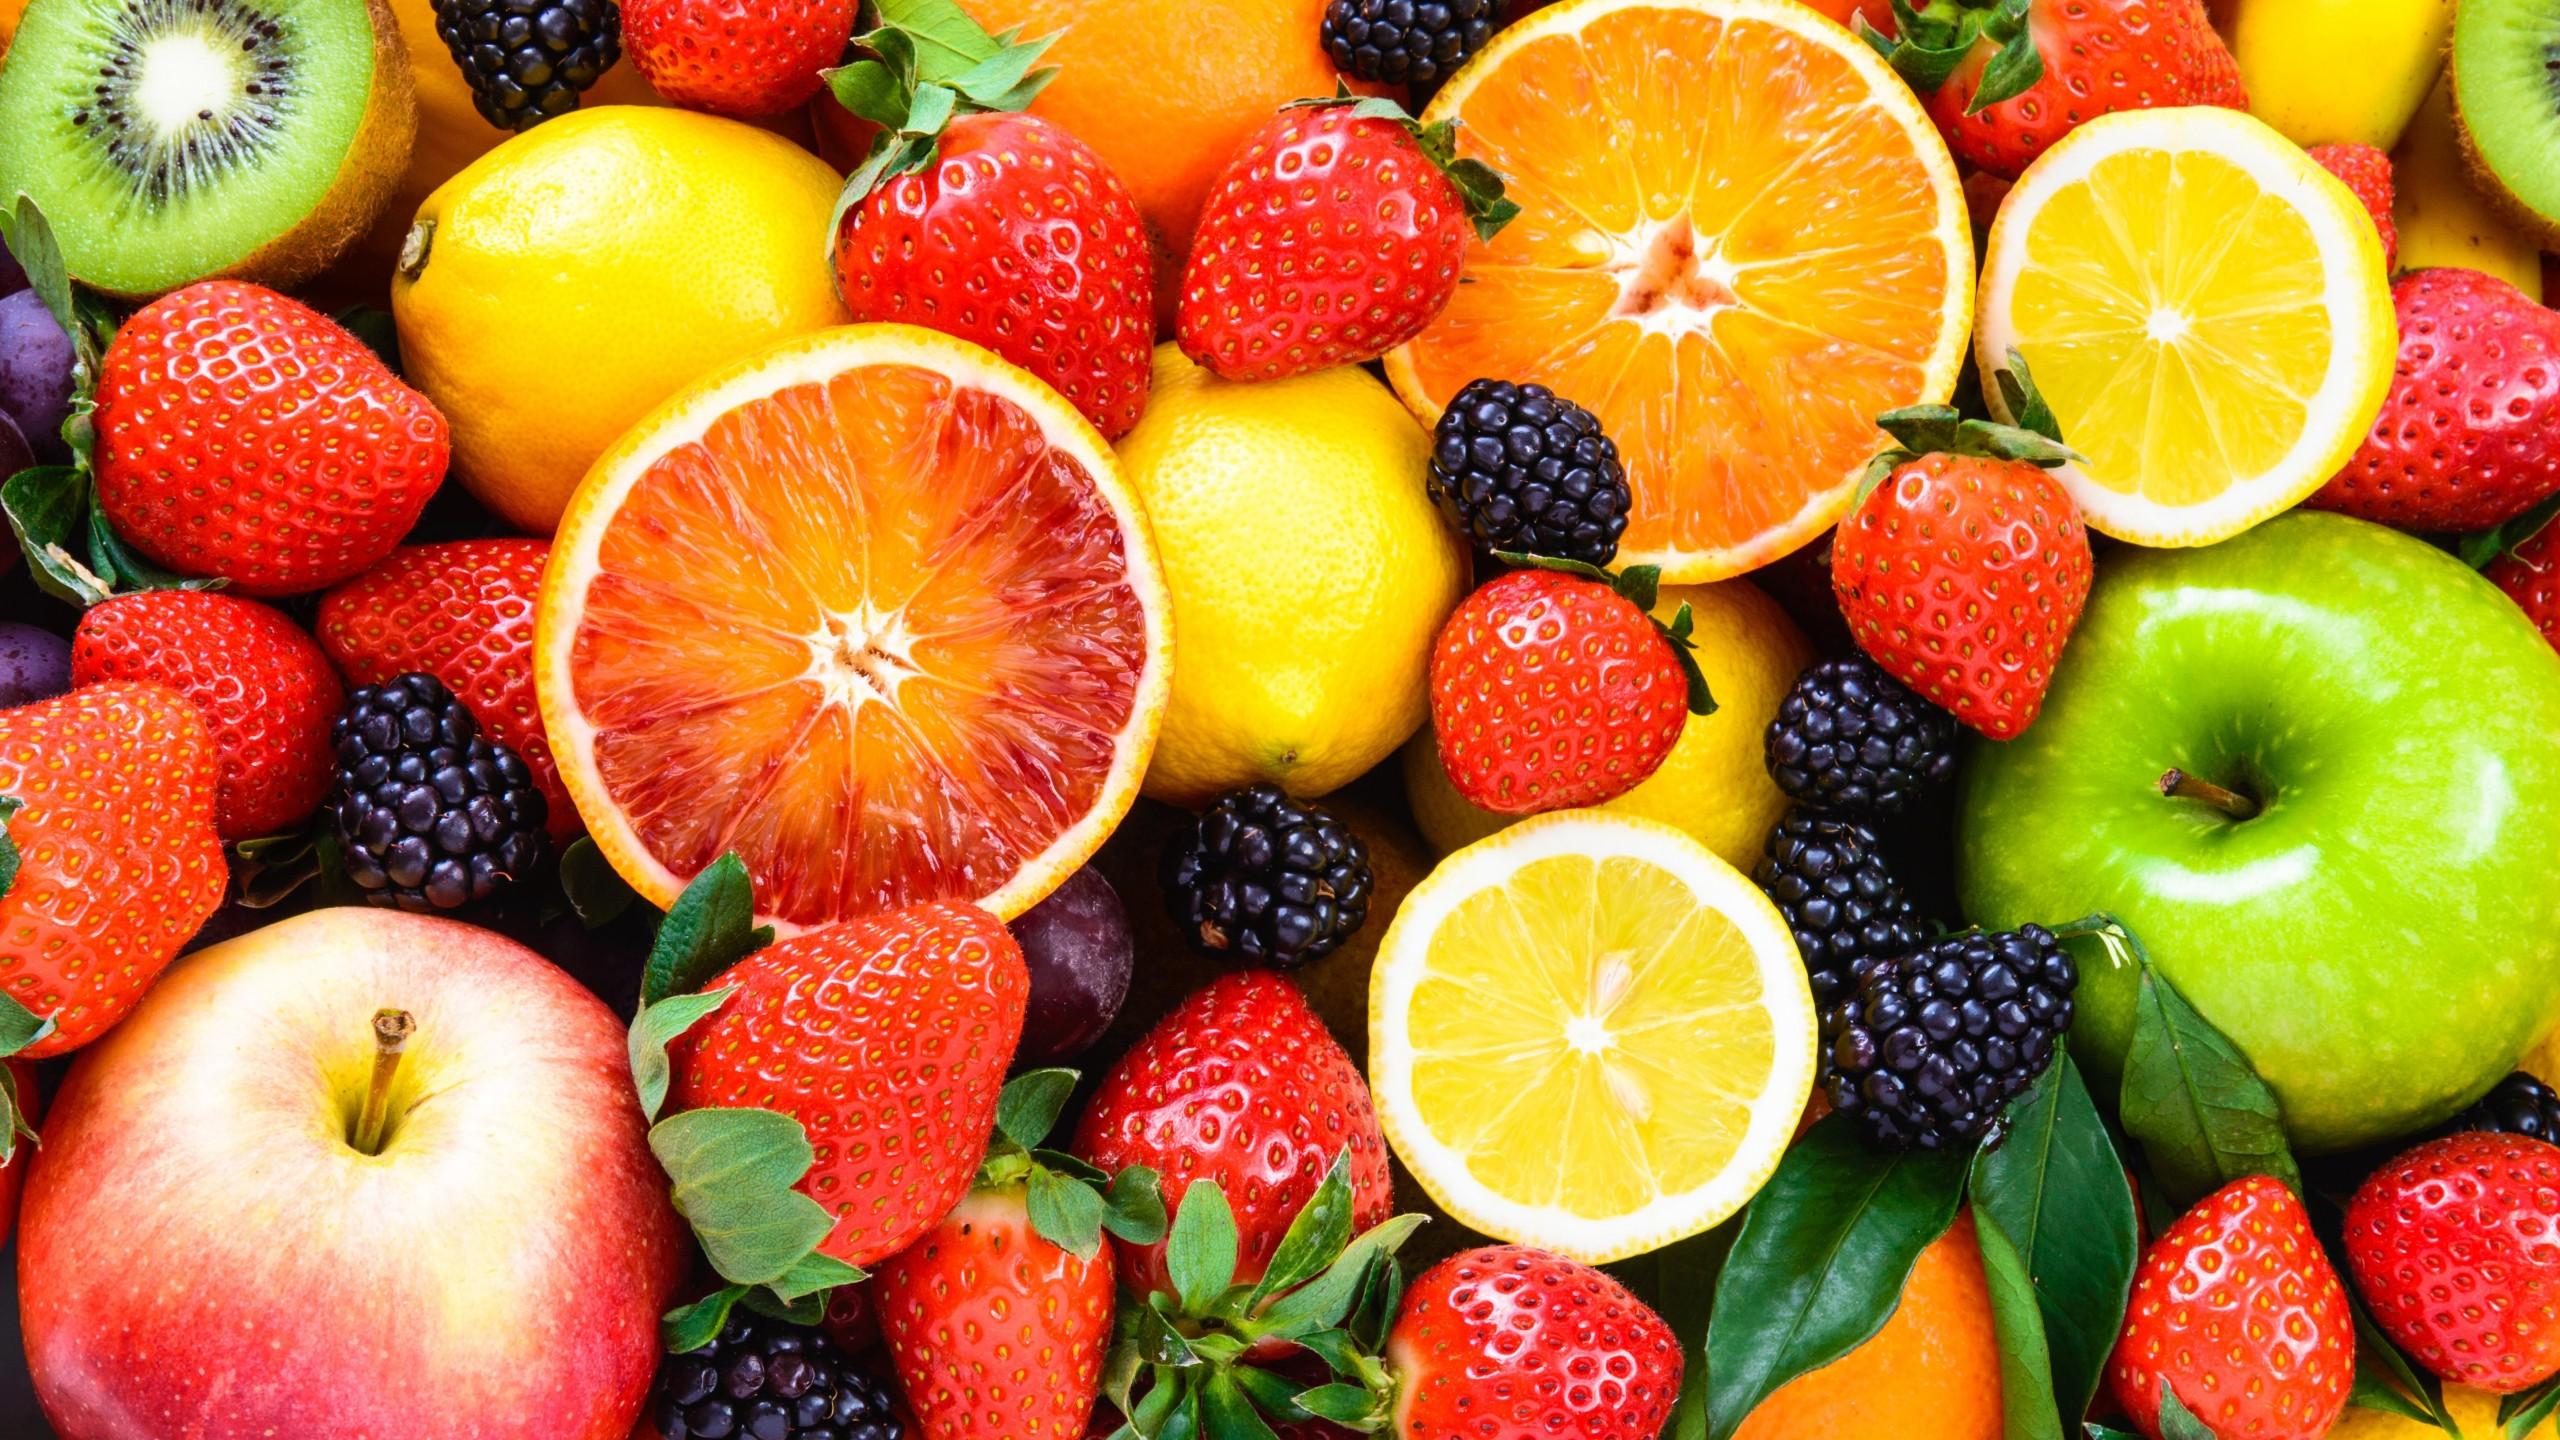 Wallpaper fruit apple orange strawberry lemon blackberry 5k 2560x1440